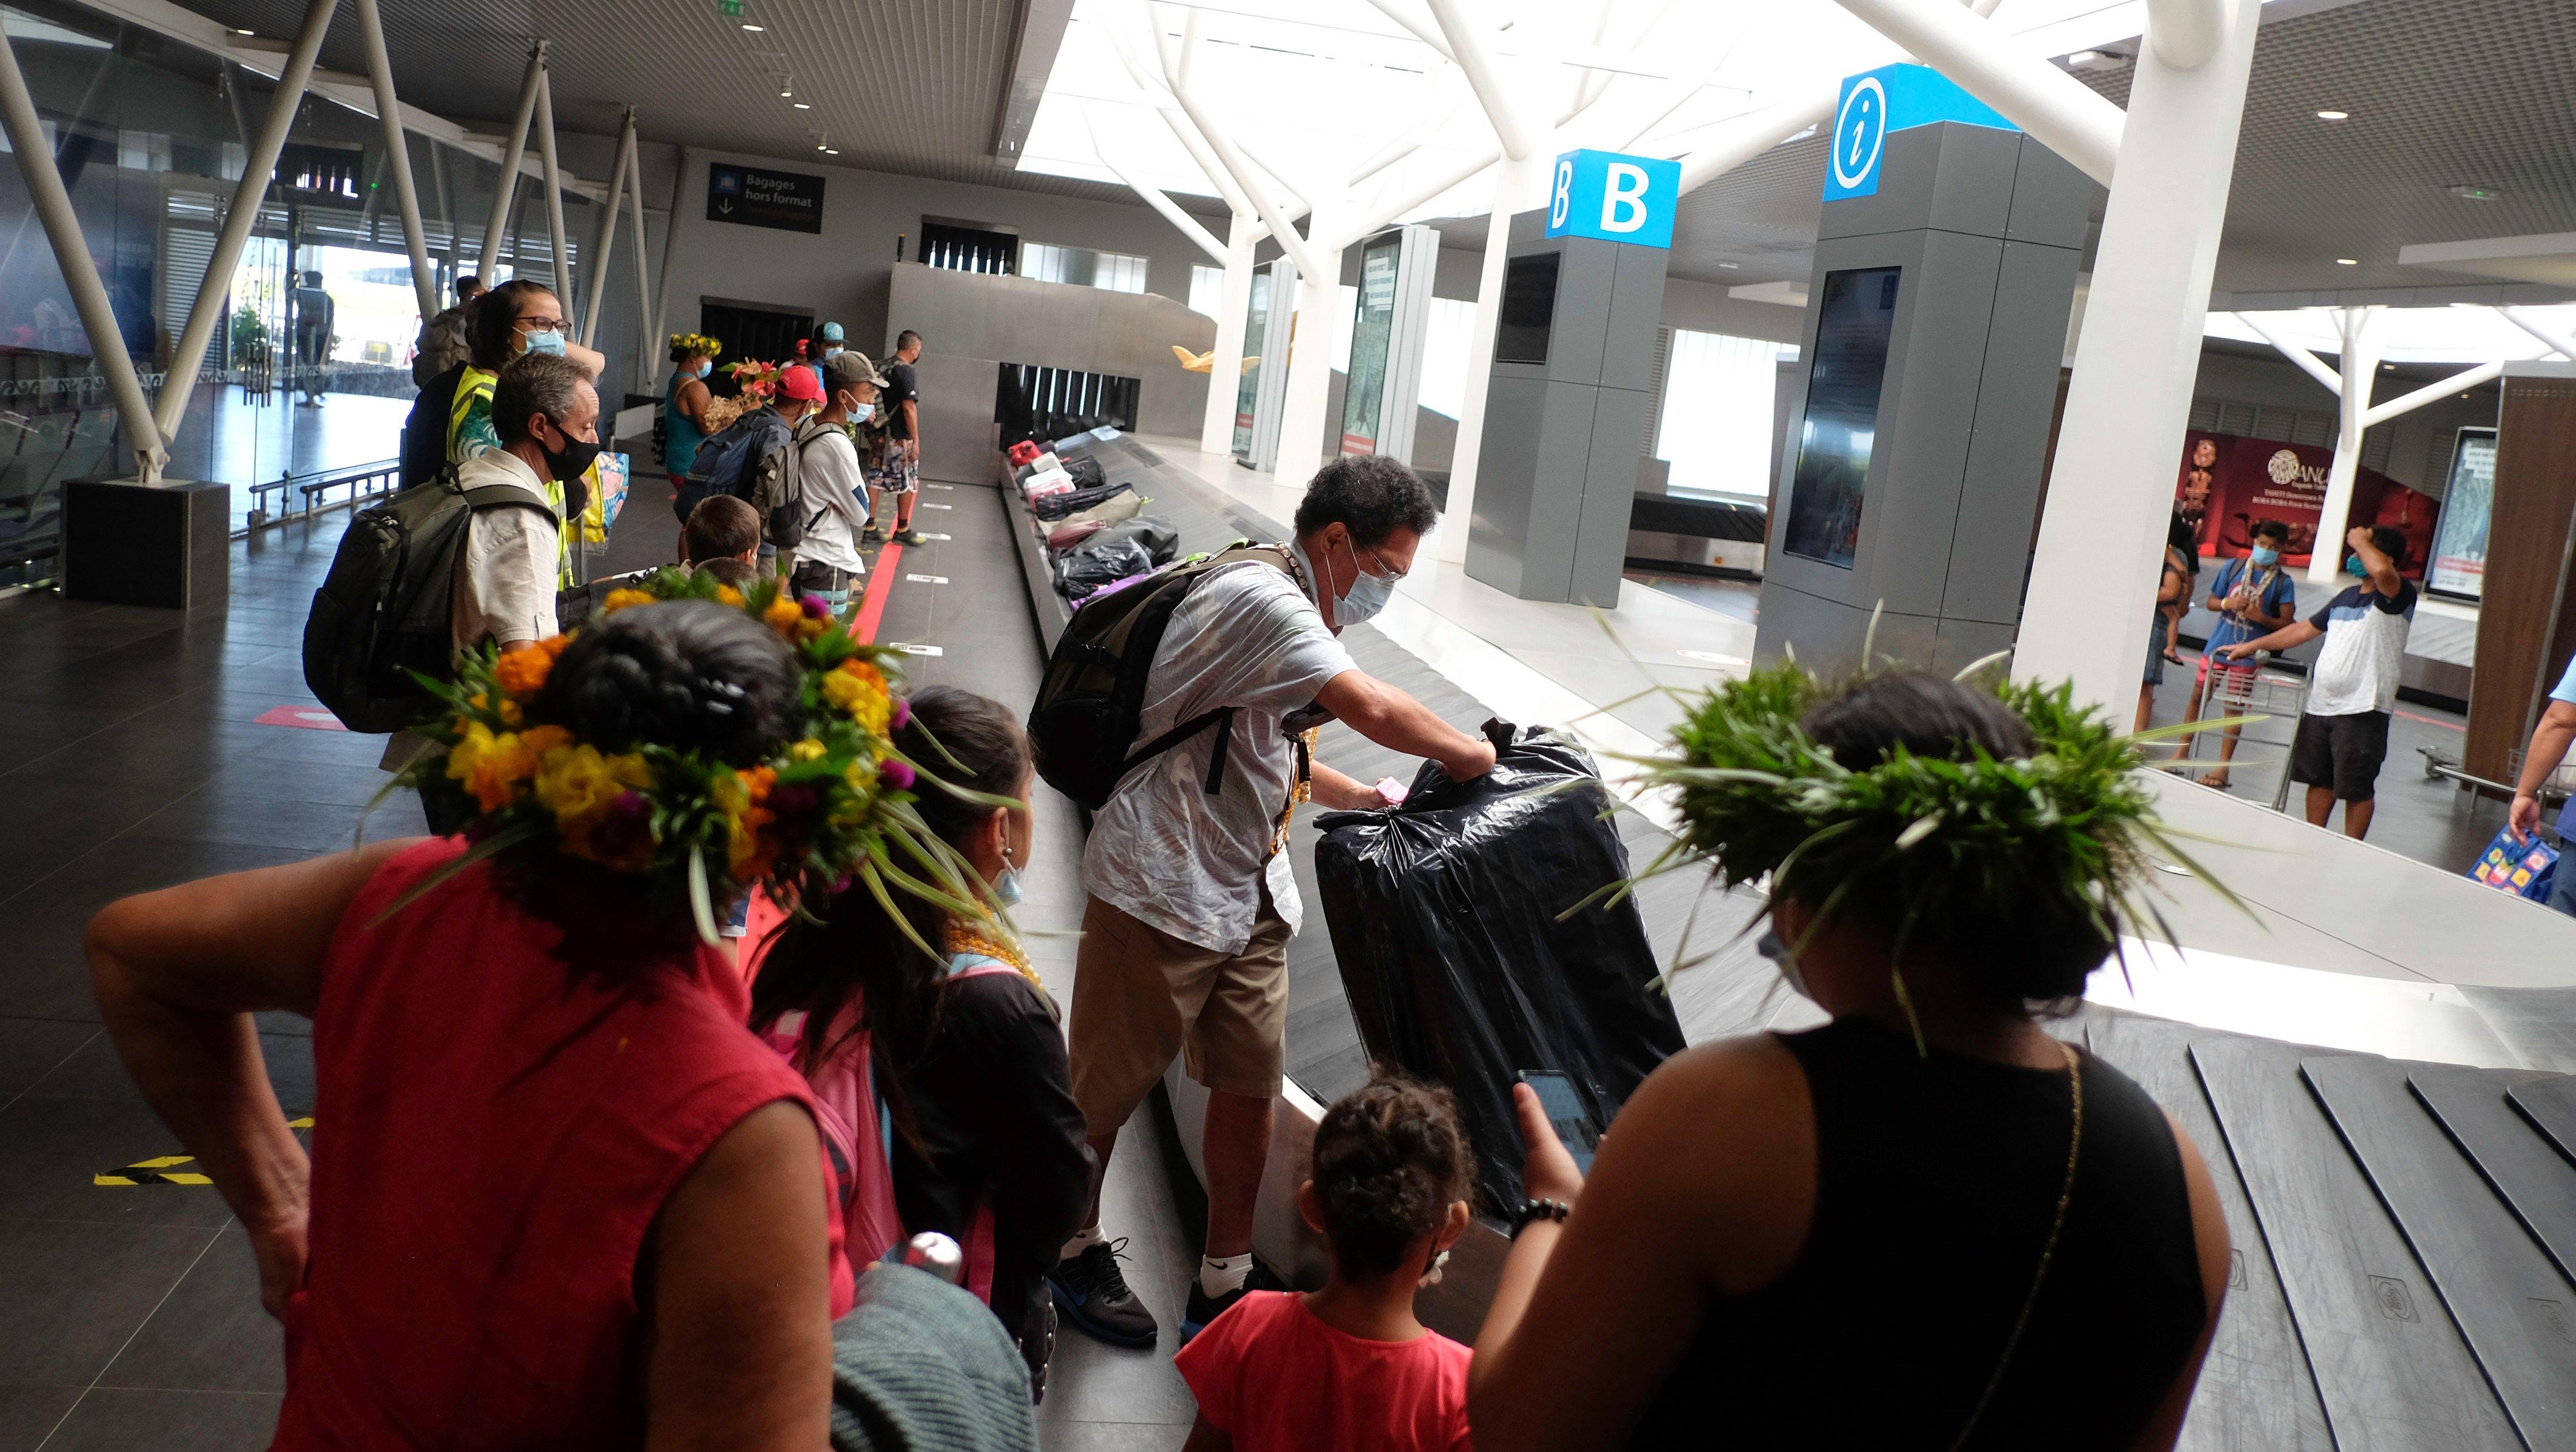 """Espace climatisée, plus étendu avec des tapis bagages plus grands et un accès direct à la boutique """"Duty paid"""" : Les passagers des îles ont découvert hier le nouveau circuit mis en place à aéroport de Tahiti-Faa'a. Crédit GB"""